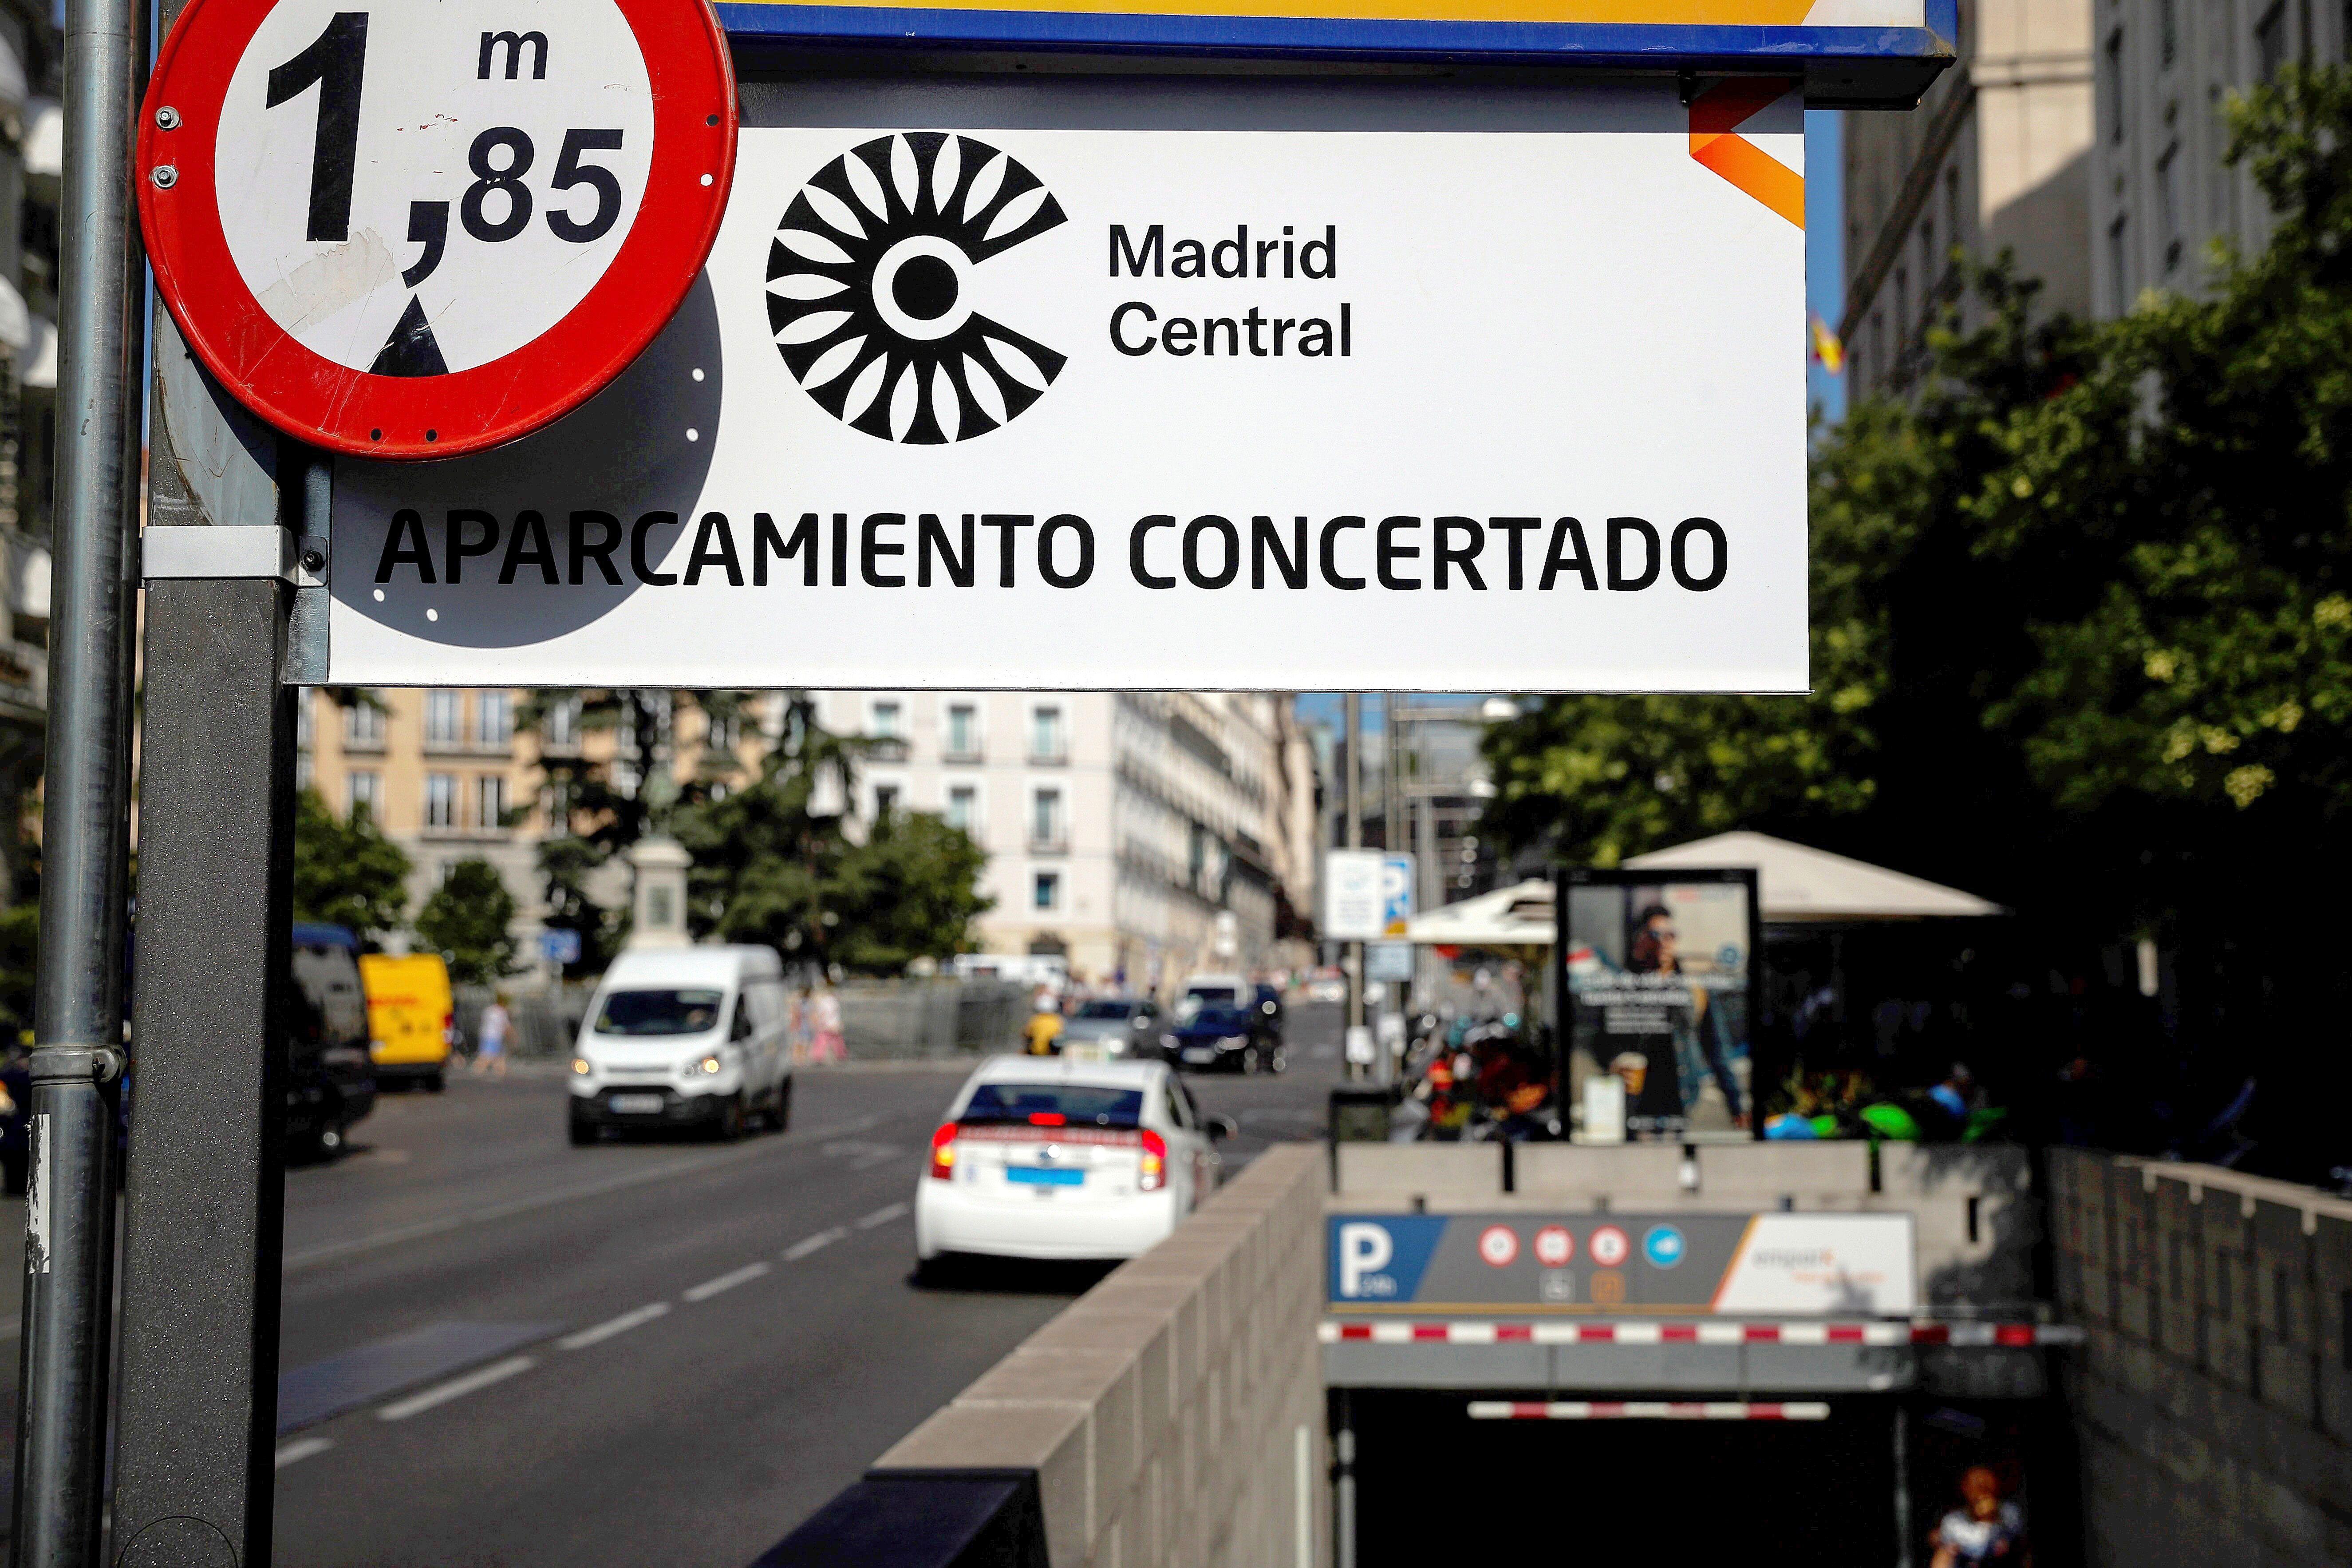 Una de las entradas de Madrid Central en una imagen de 2019.